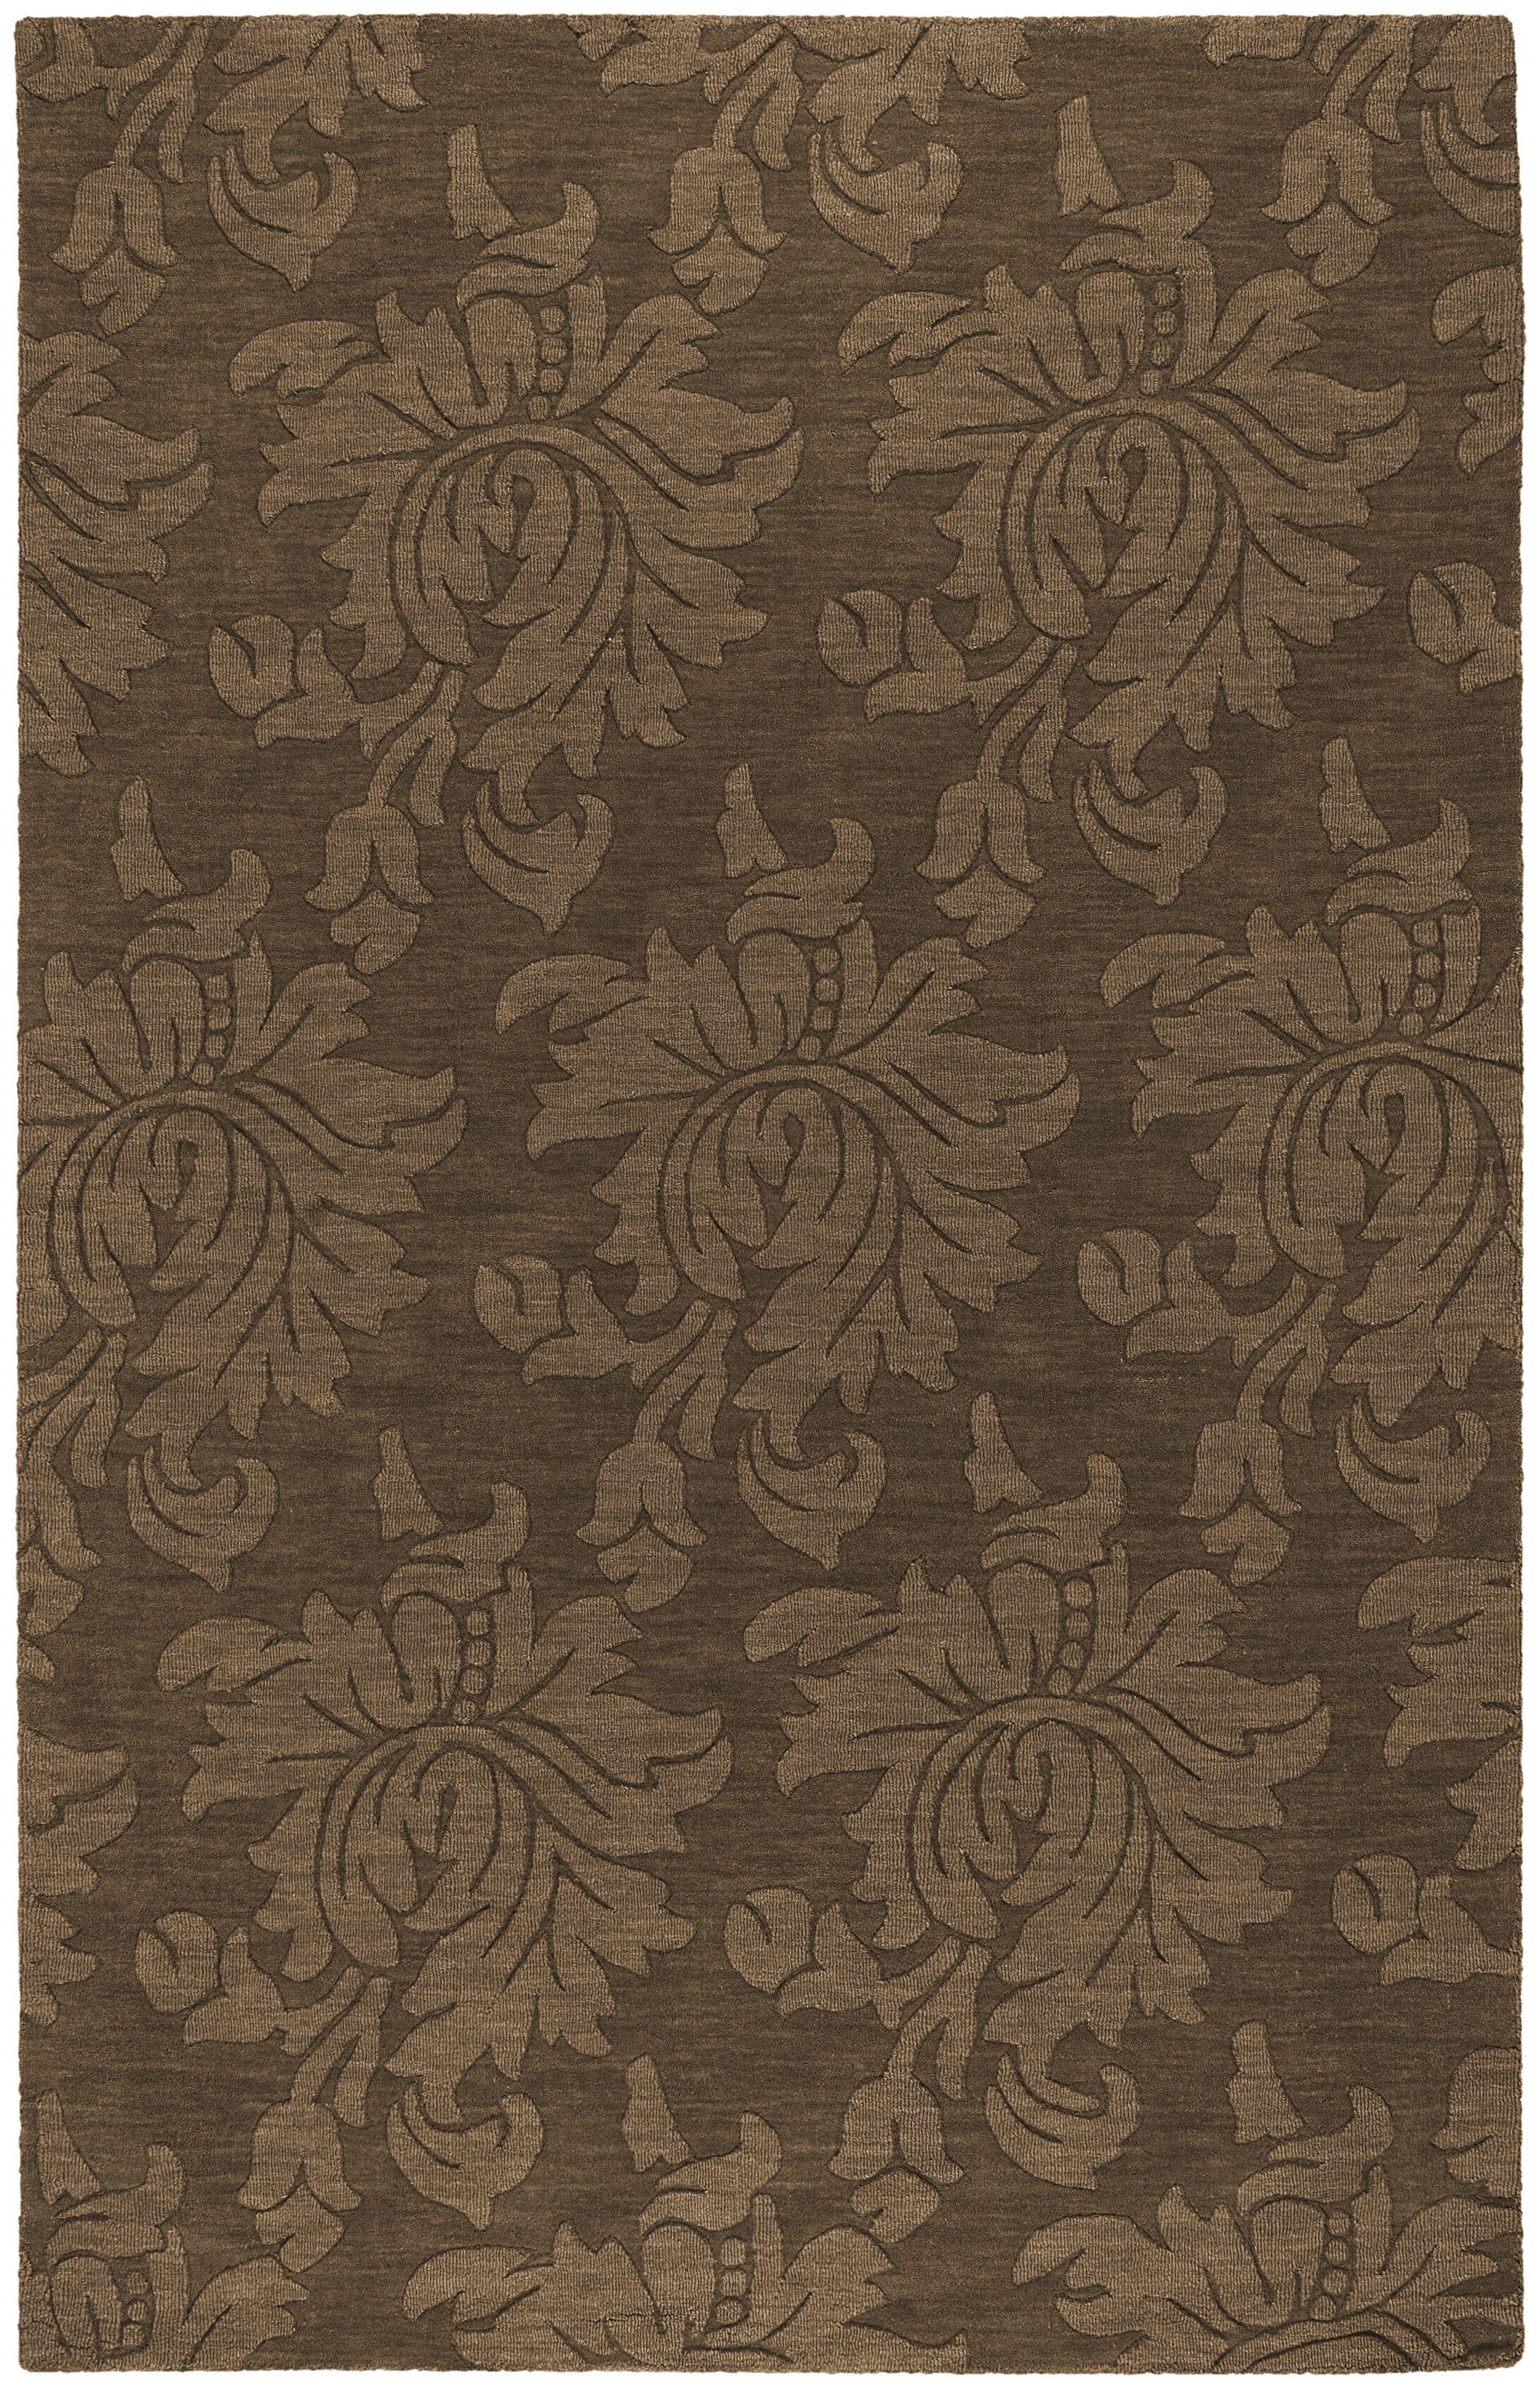 Ardal Hand-Woven Wool Coffee/Mocha Area Rug Rug Size: Rectangle 8' x 10'